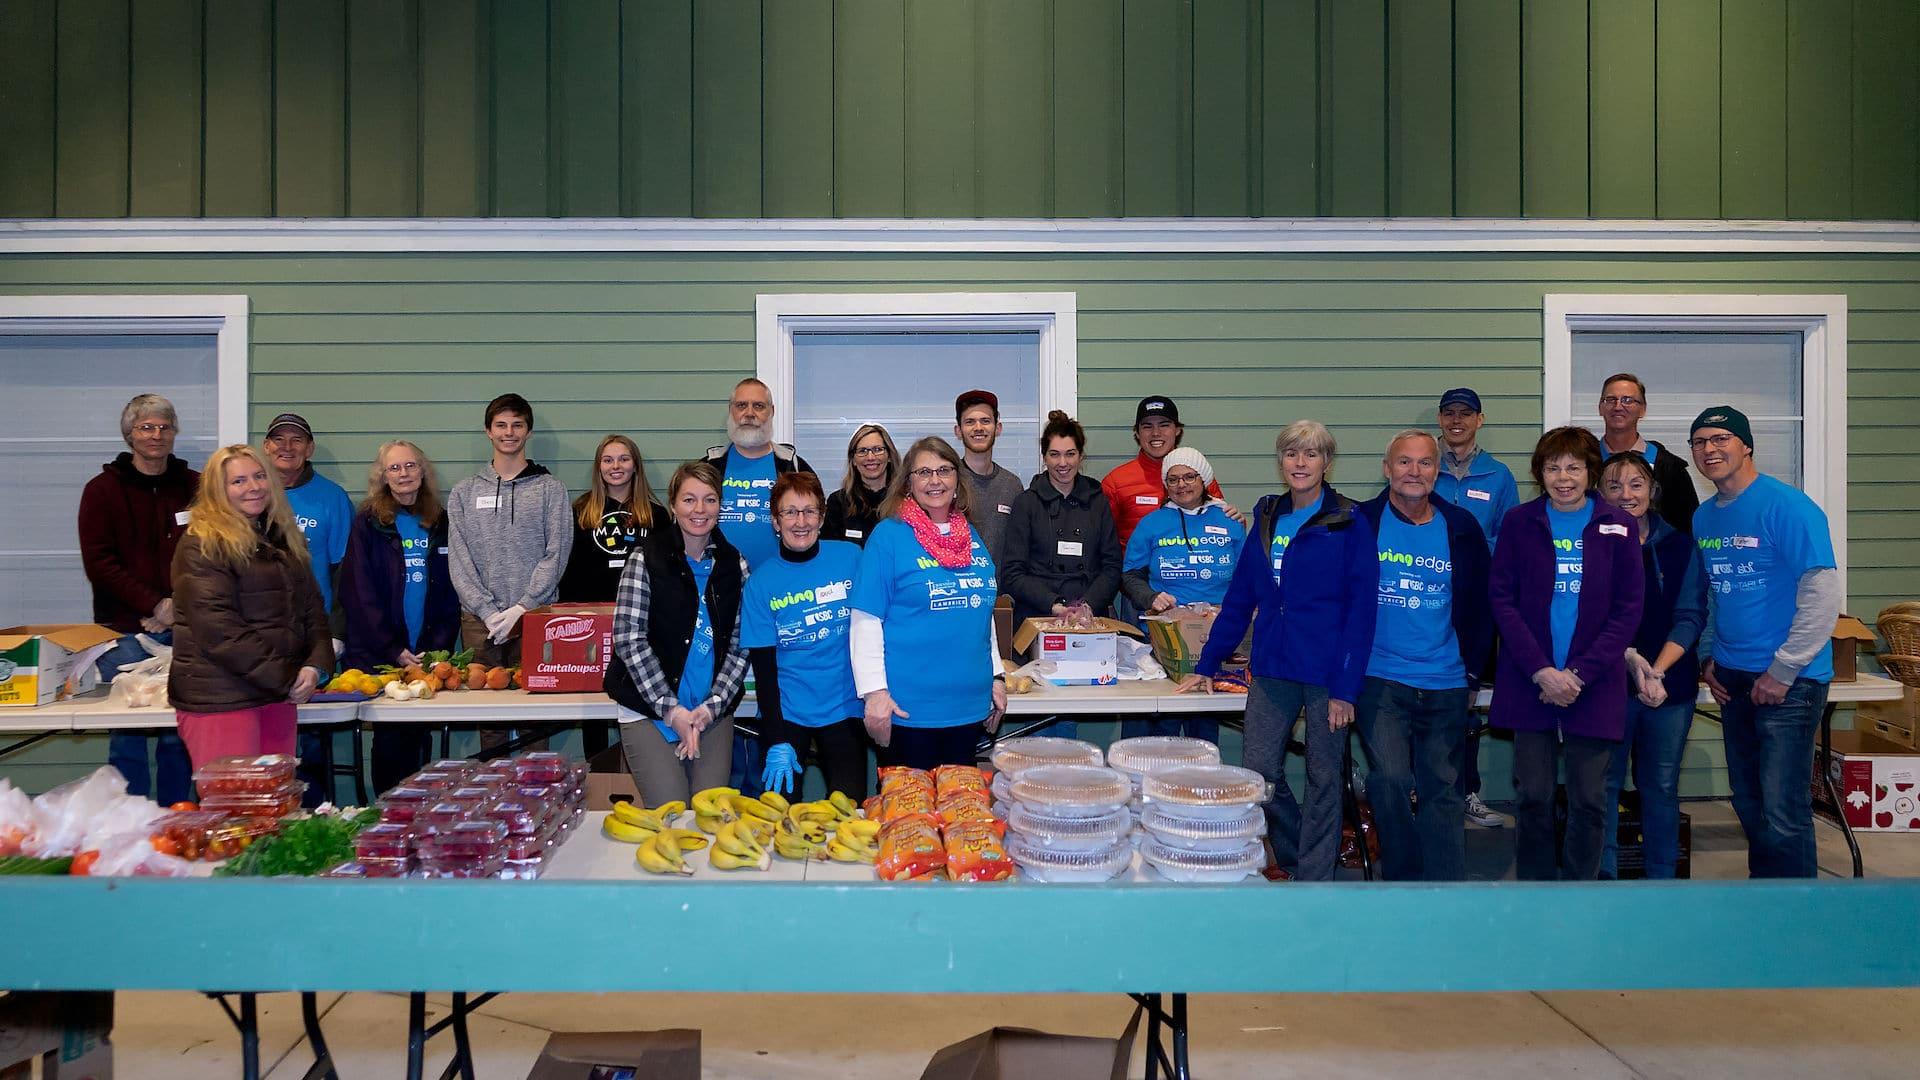 Community Builders: Feeding the people